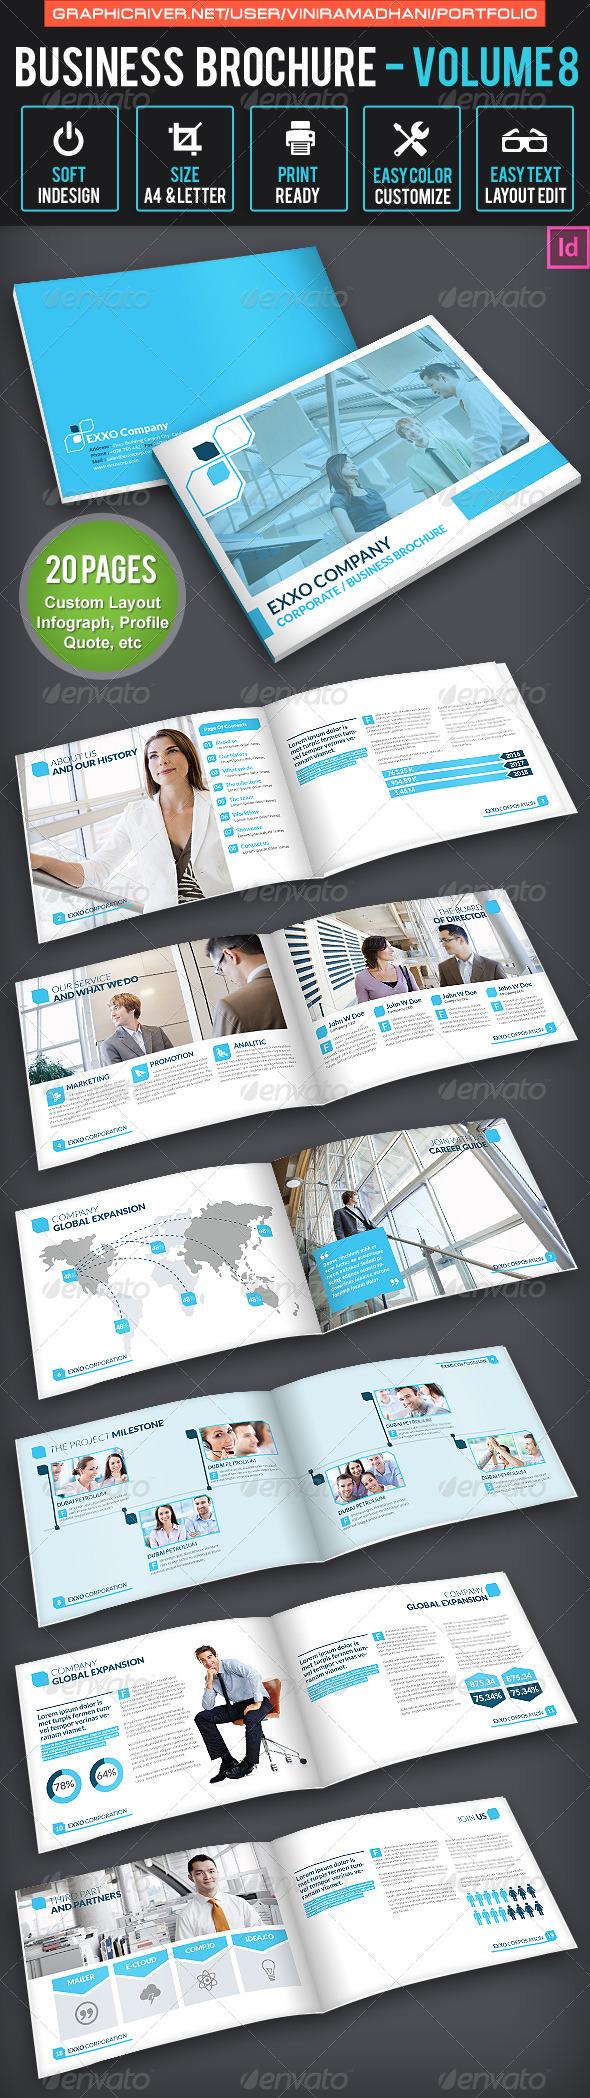 Business Brochure | Volume 8 - Corporate Brochures